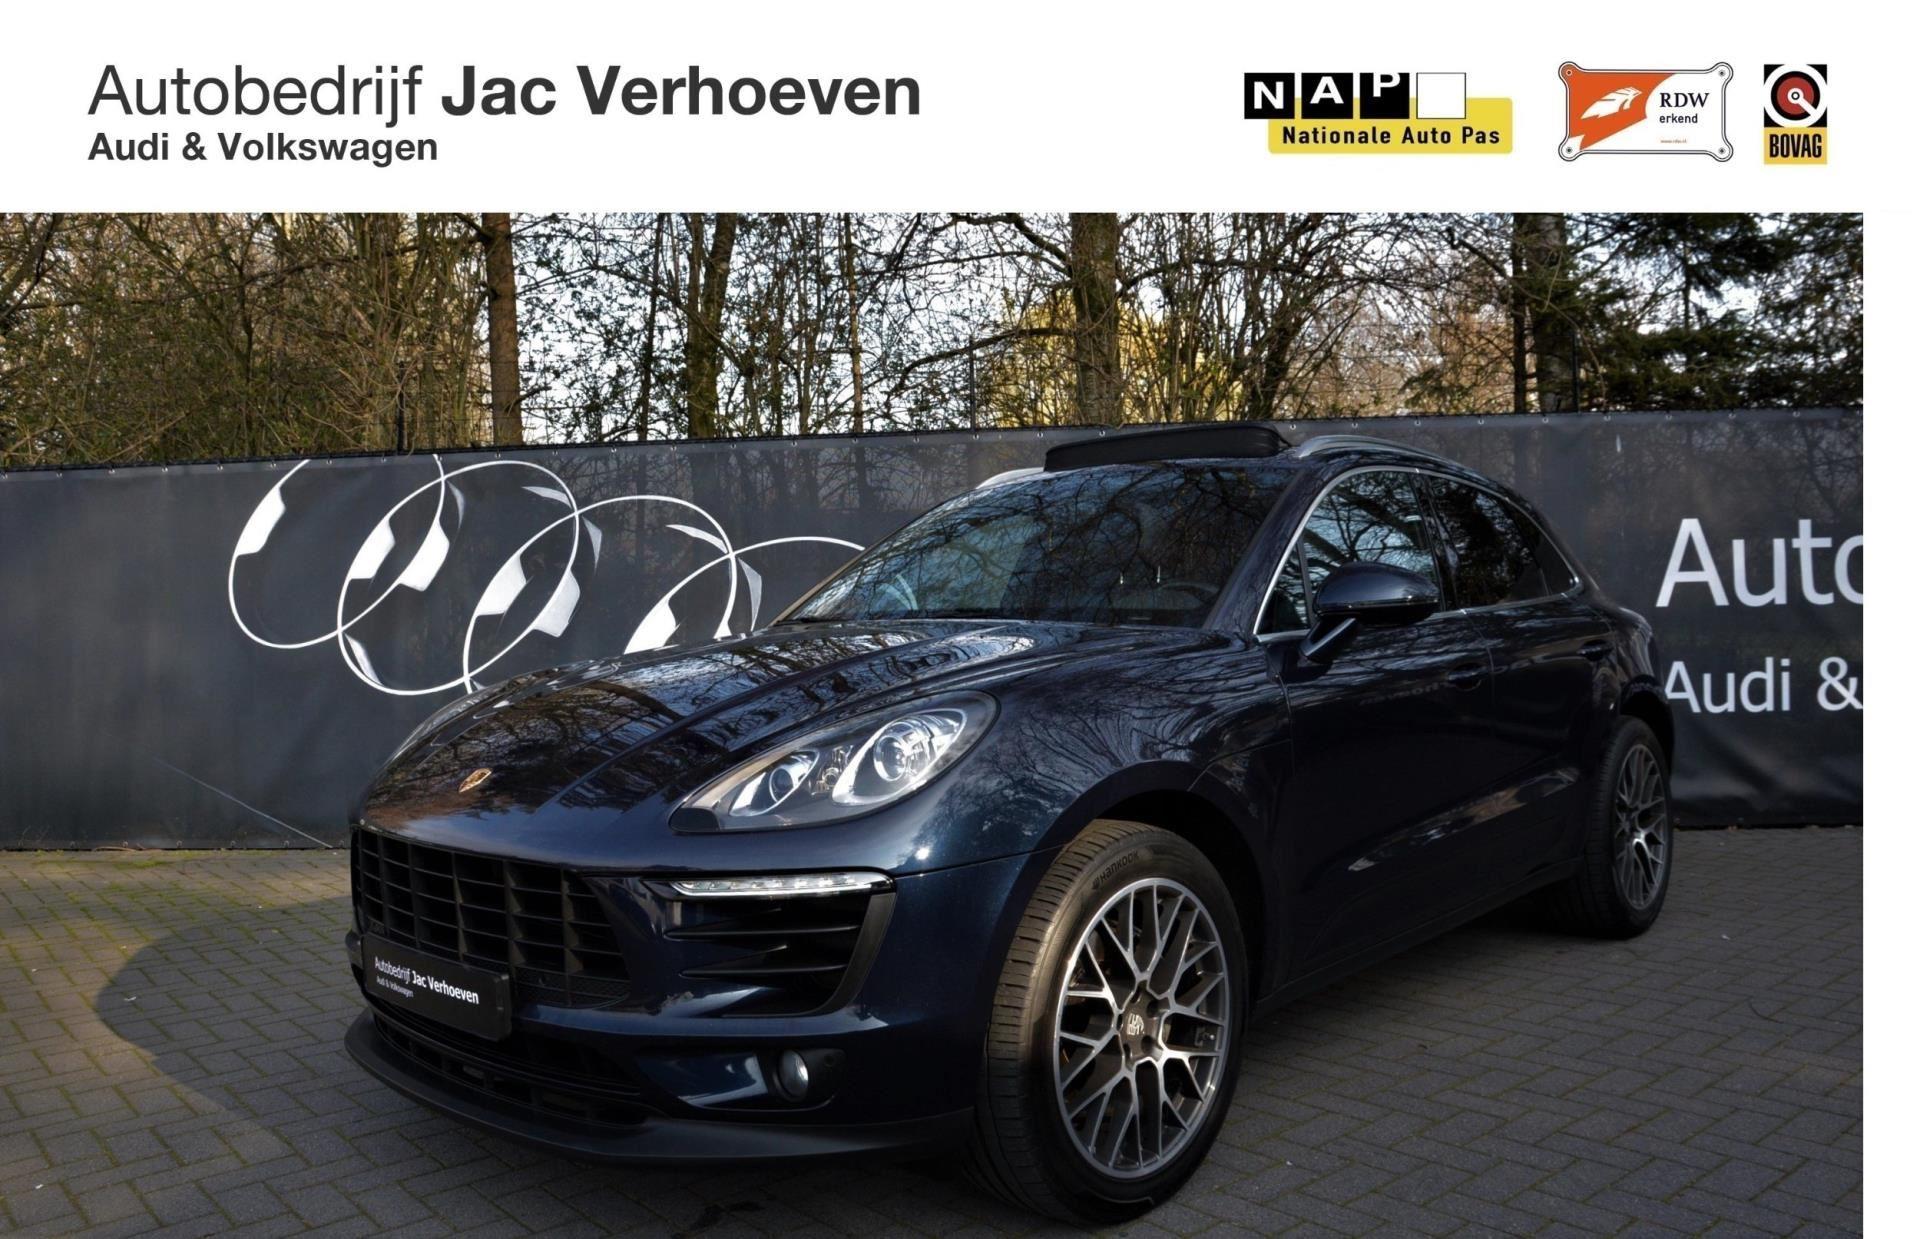 Porsche Macan occasion - Autobedrijf Jac Verhoeven